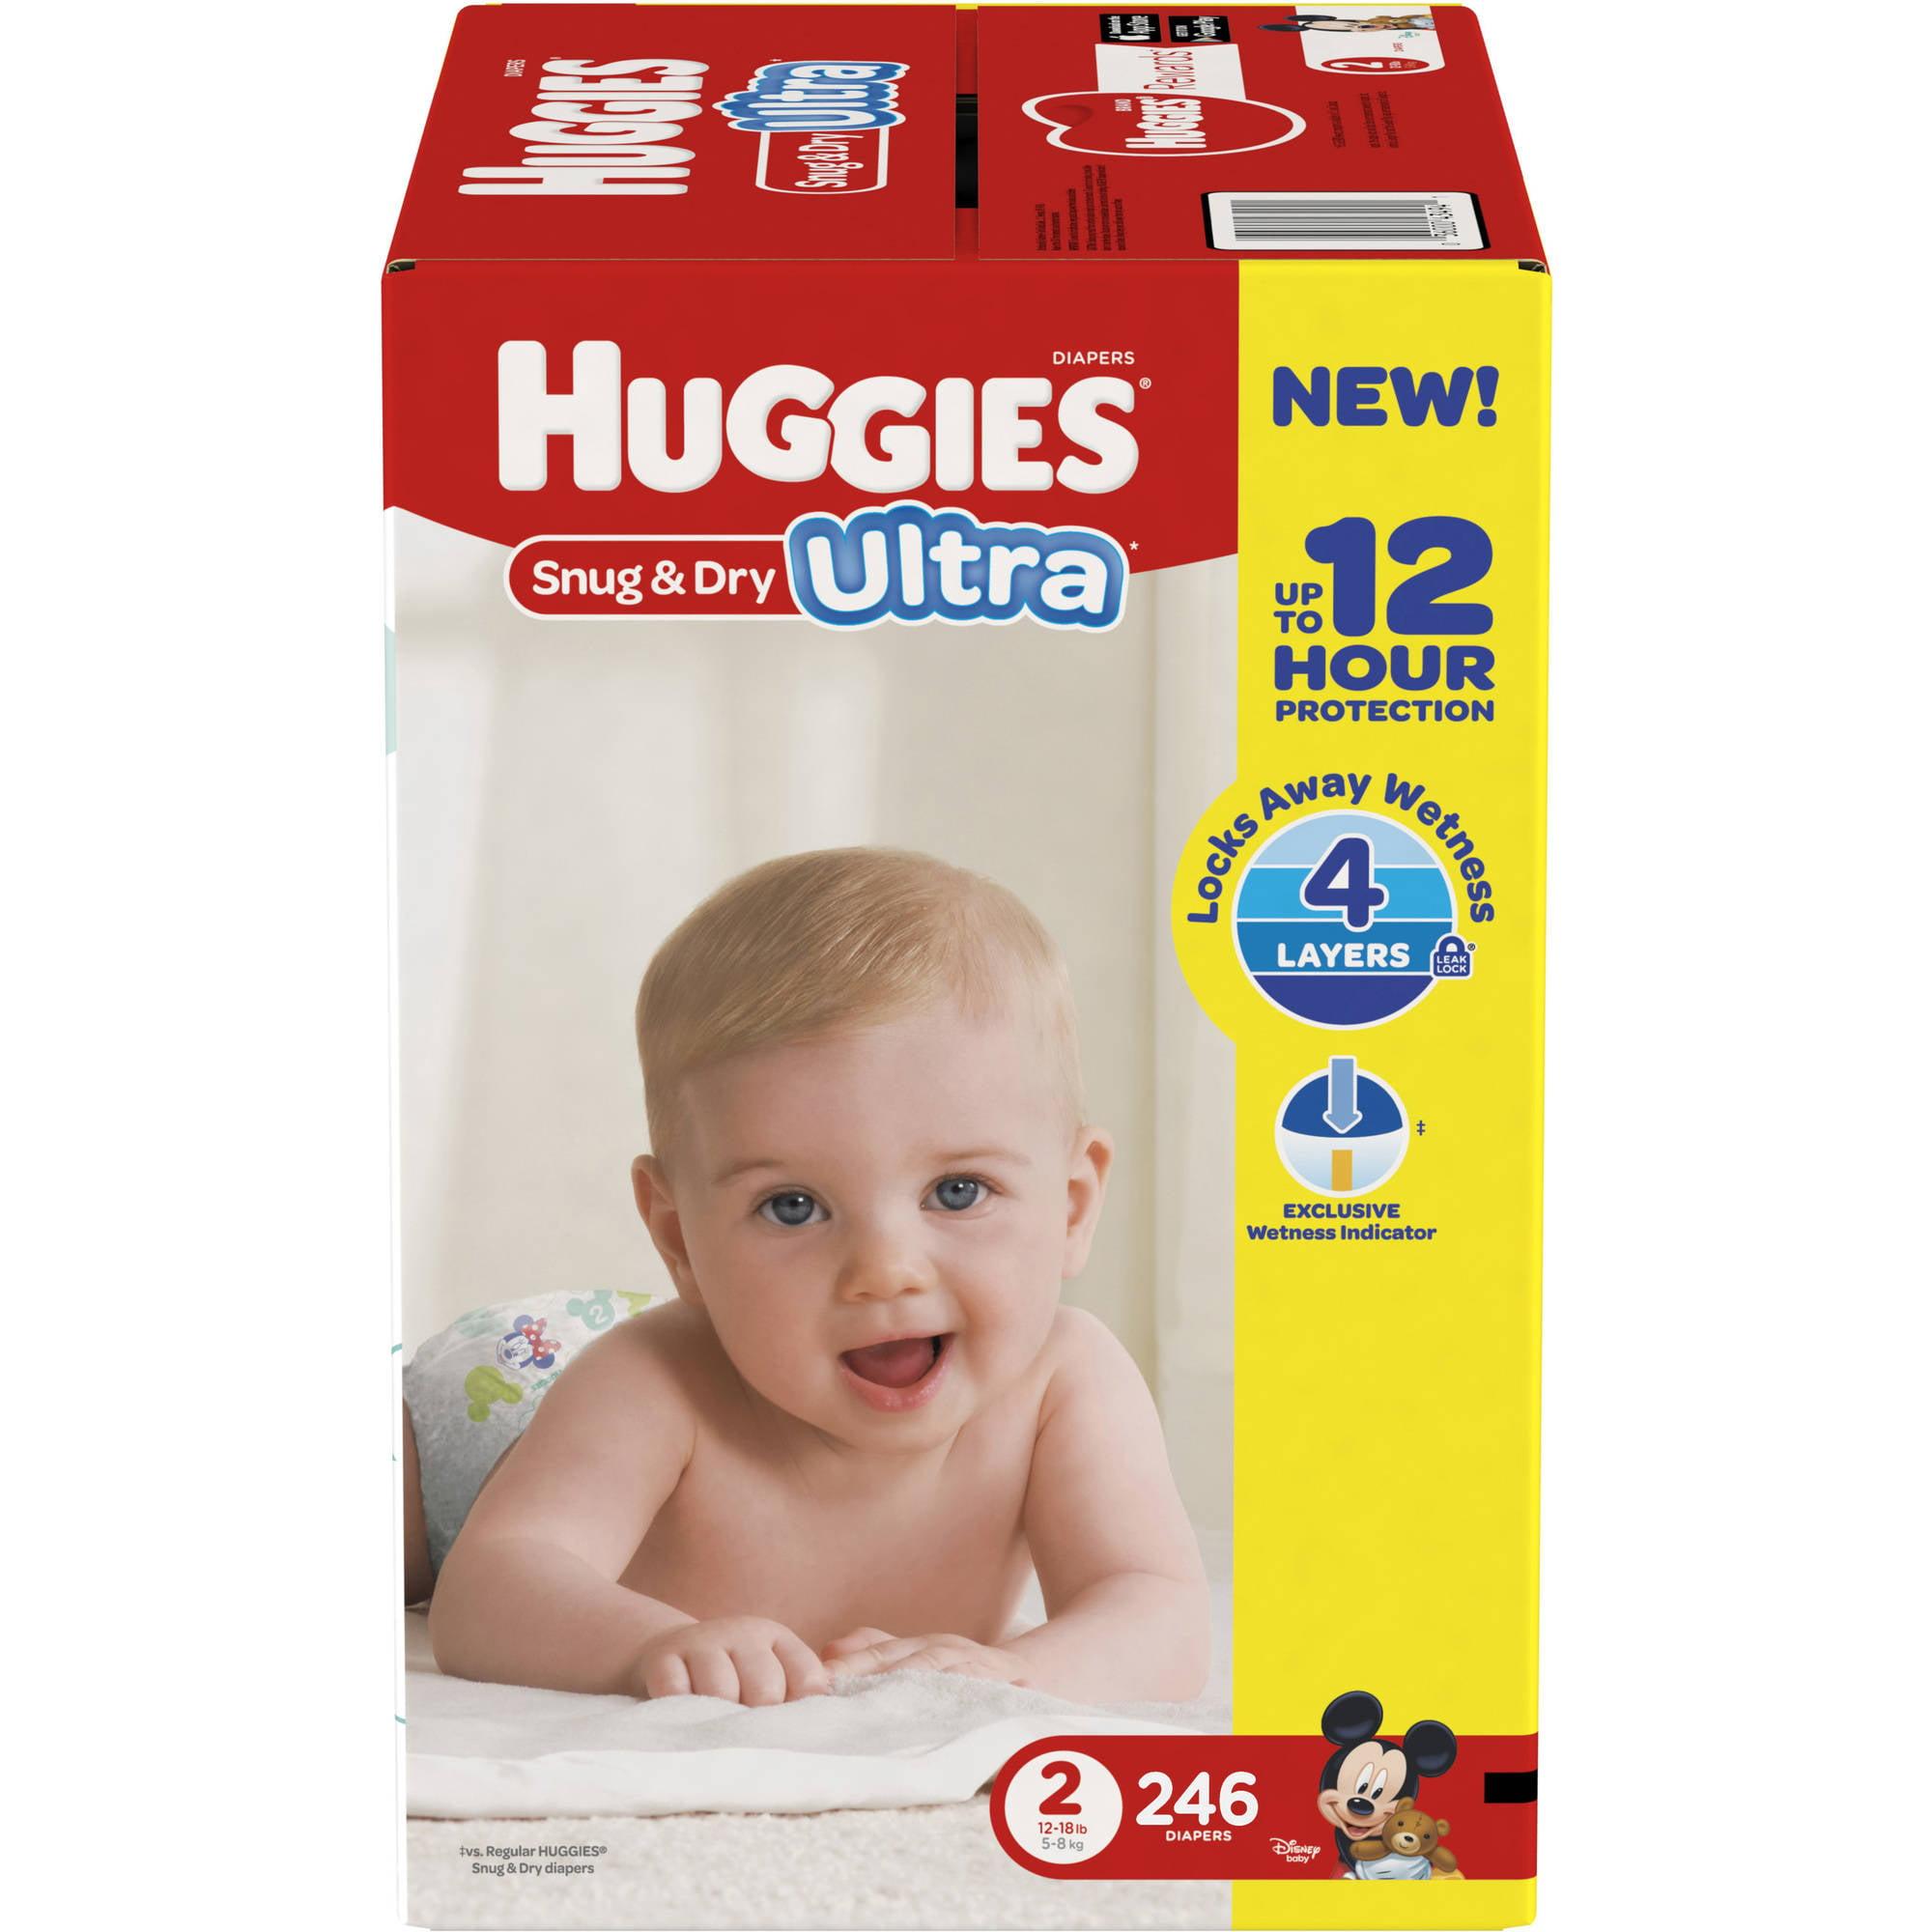 HUGGIES Snug & Dry Ultra Diapers, Size 3, 132 Diapers, plus Bonus Diapers